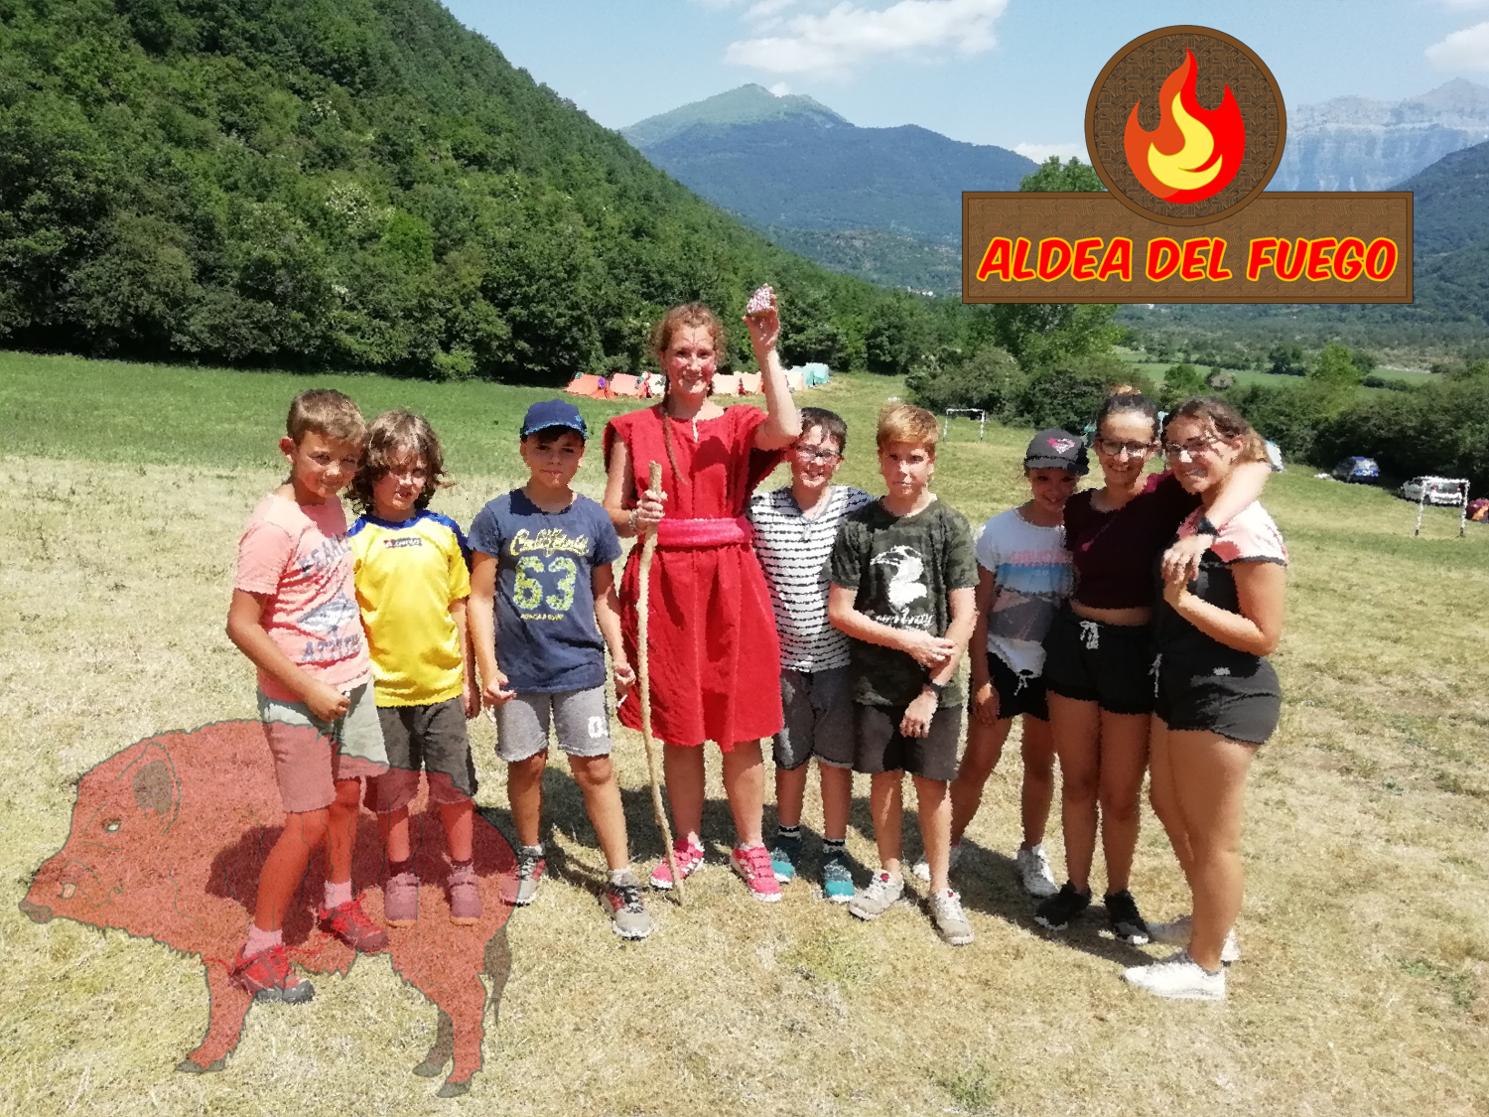 Aldea del fuego| Campamento Turquino 2018: la leyenda de Ordesa